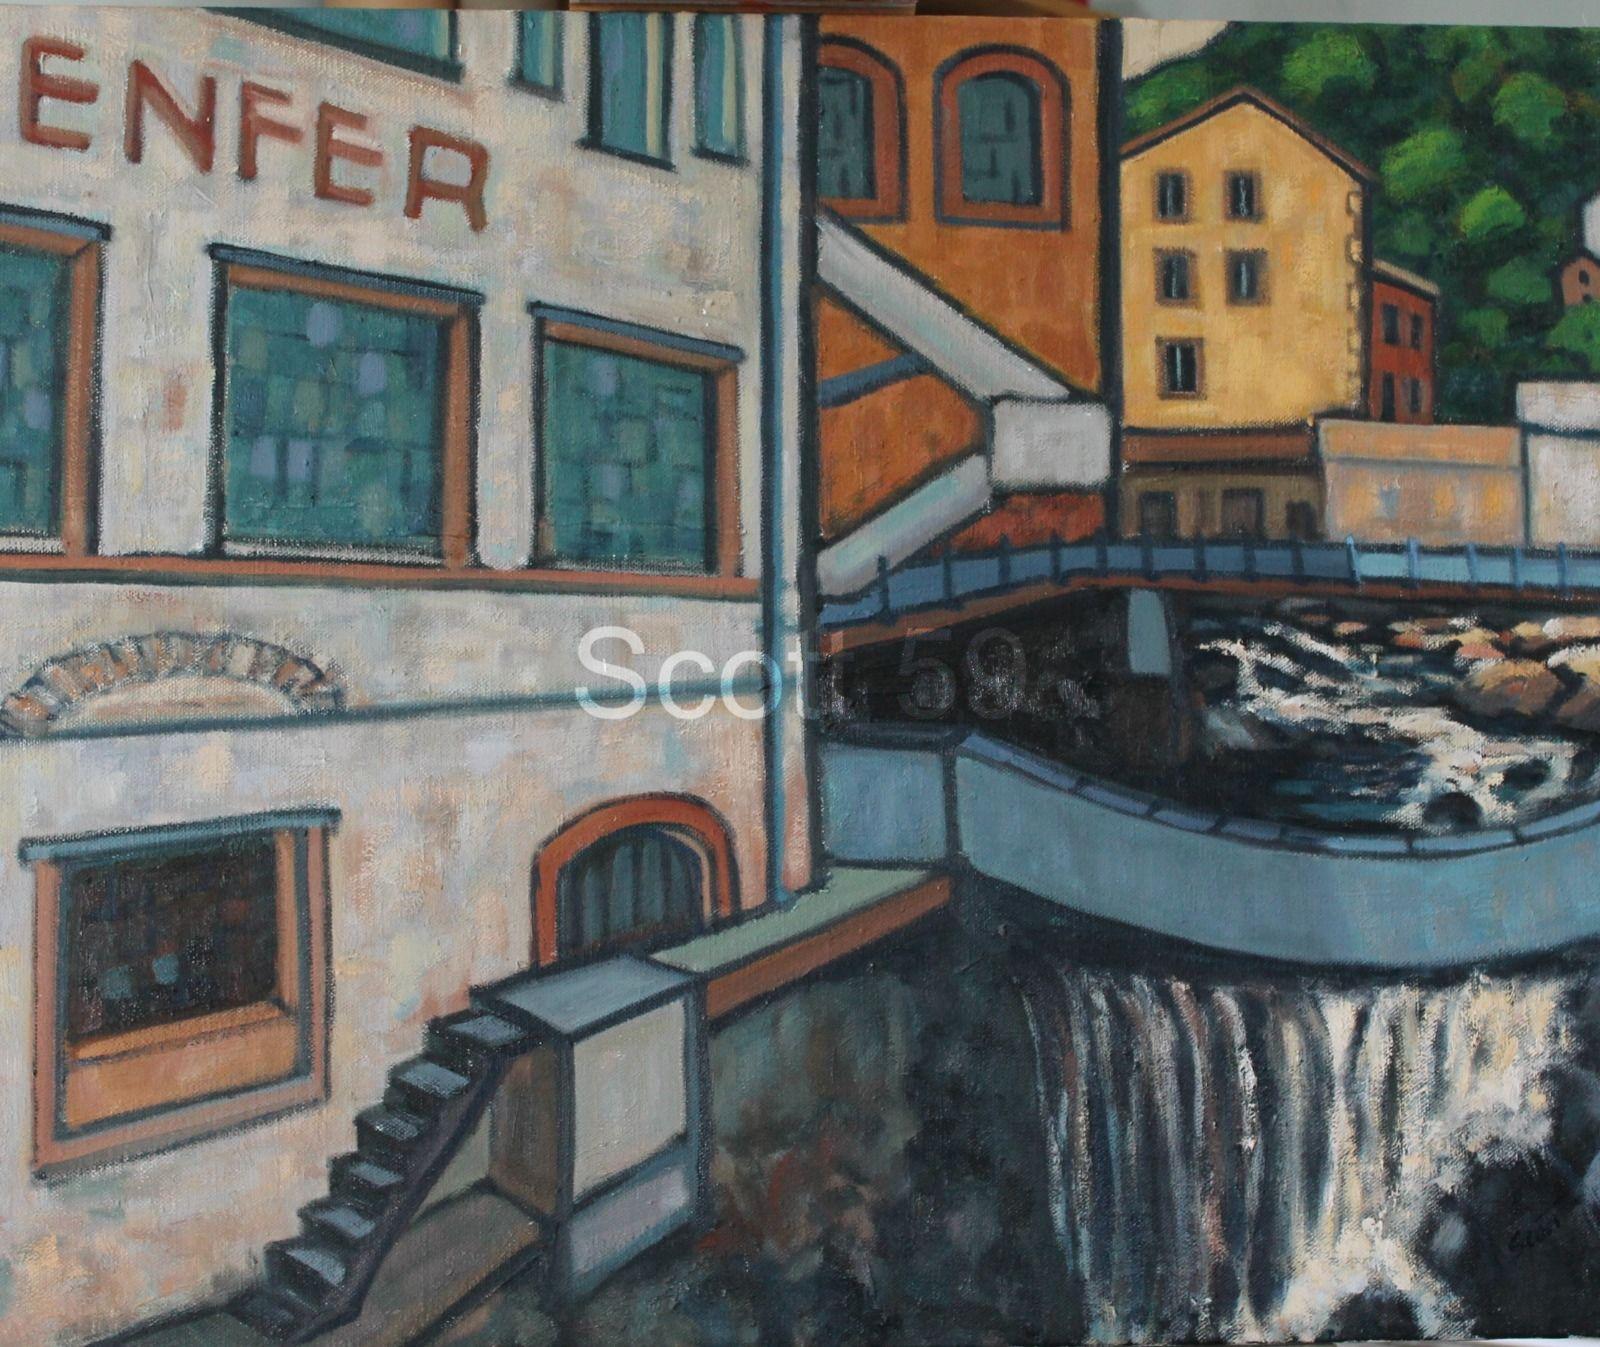 Thiers, Creux d'enfer #1 (Oil on canvas 82cm x 65cm)